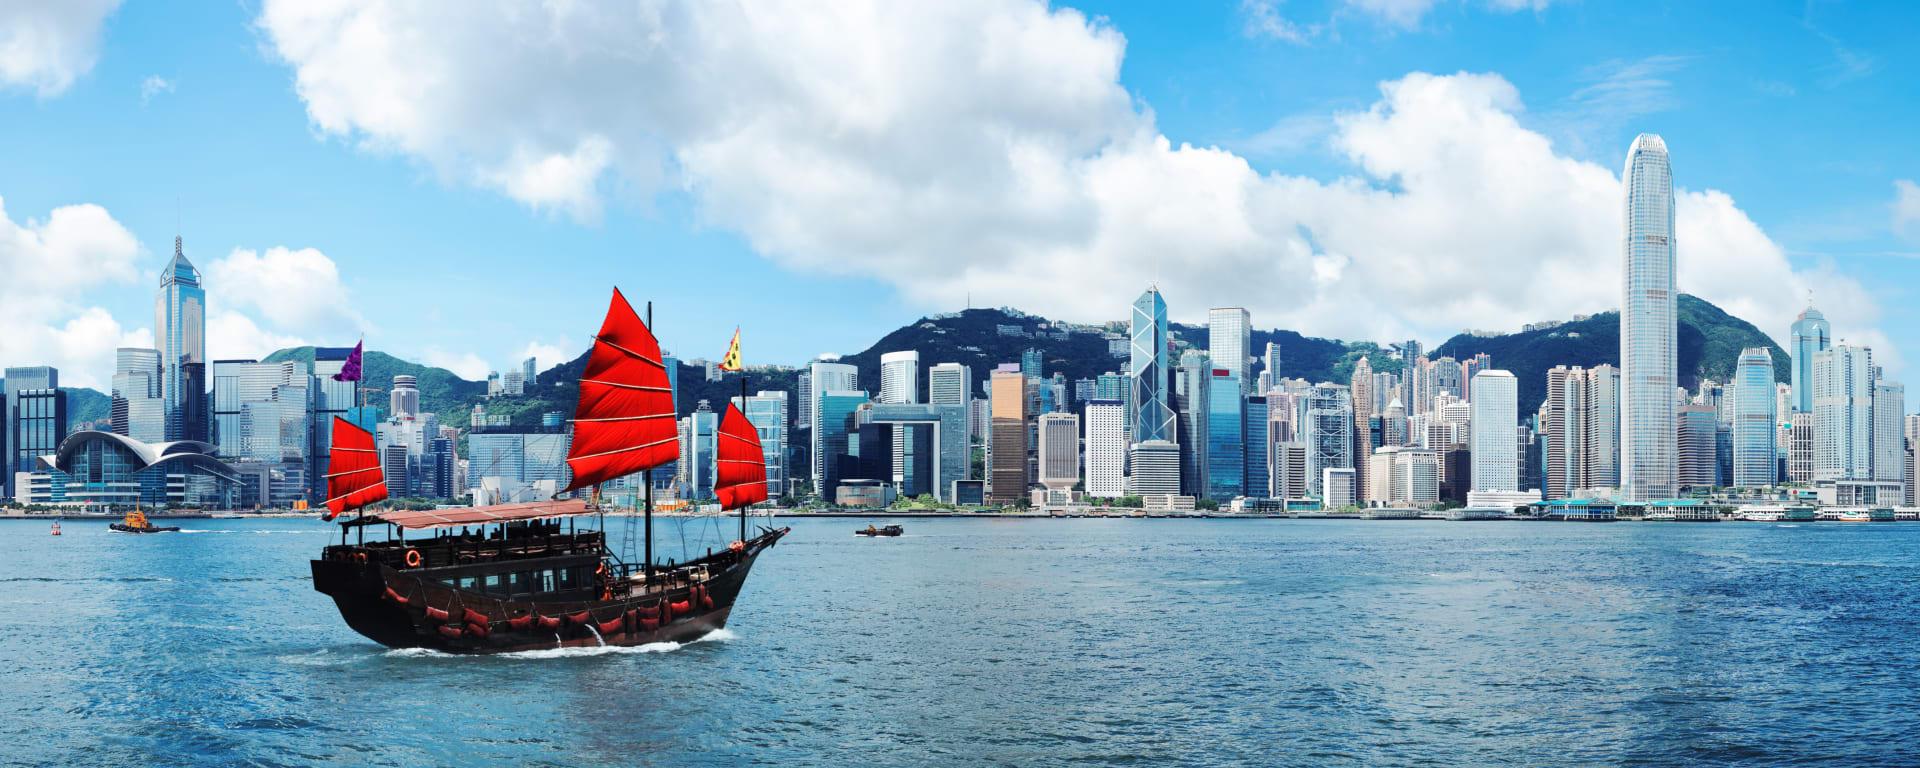 Hong Kong entdecken mit Tischler Reisen: Hong Kong Island Skyline